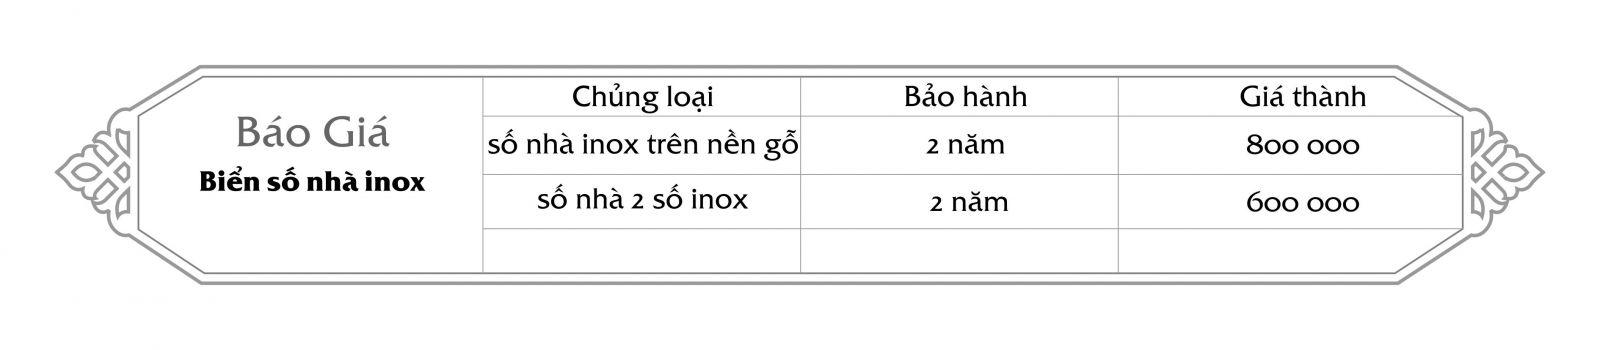 Biển số nhà inox